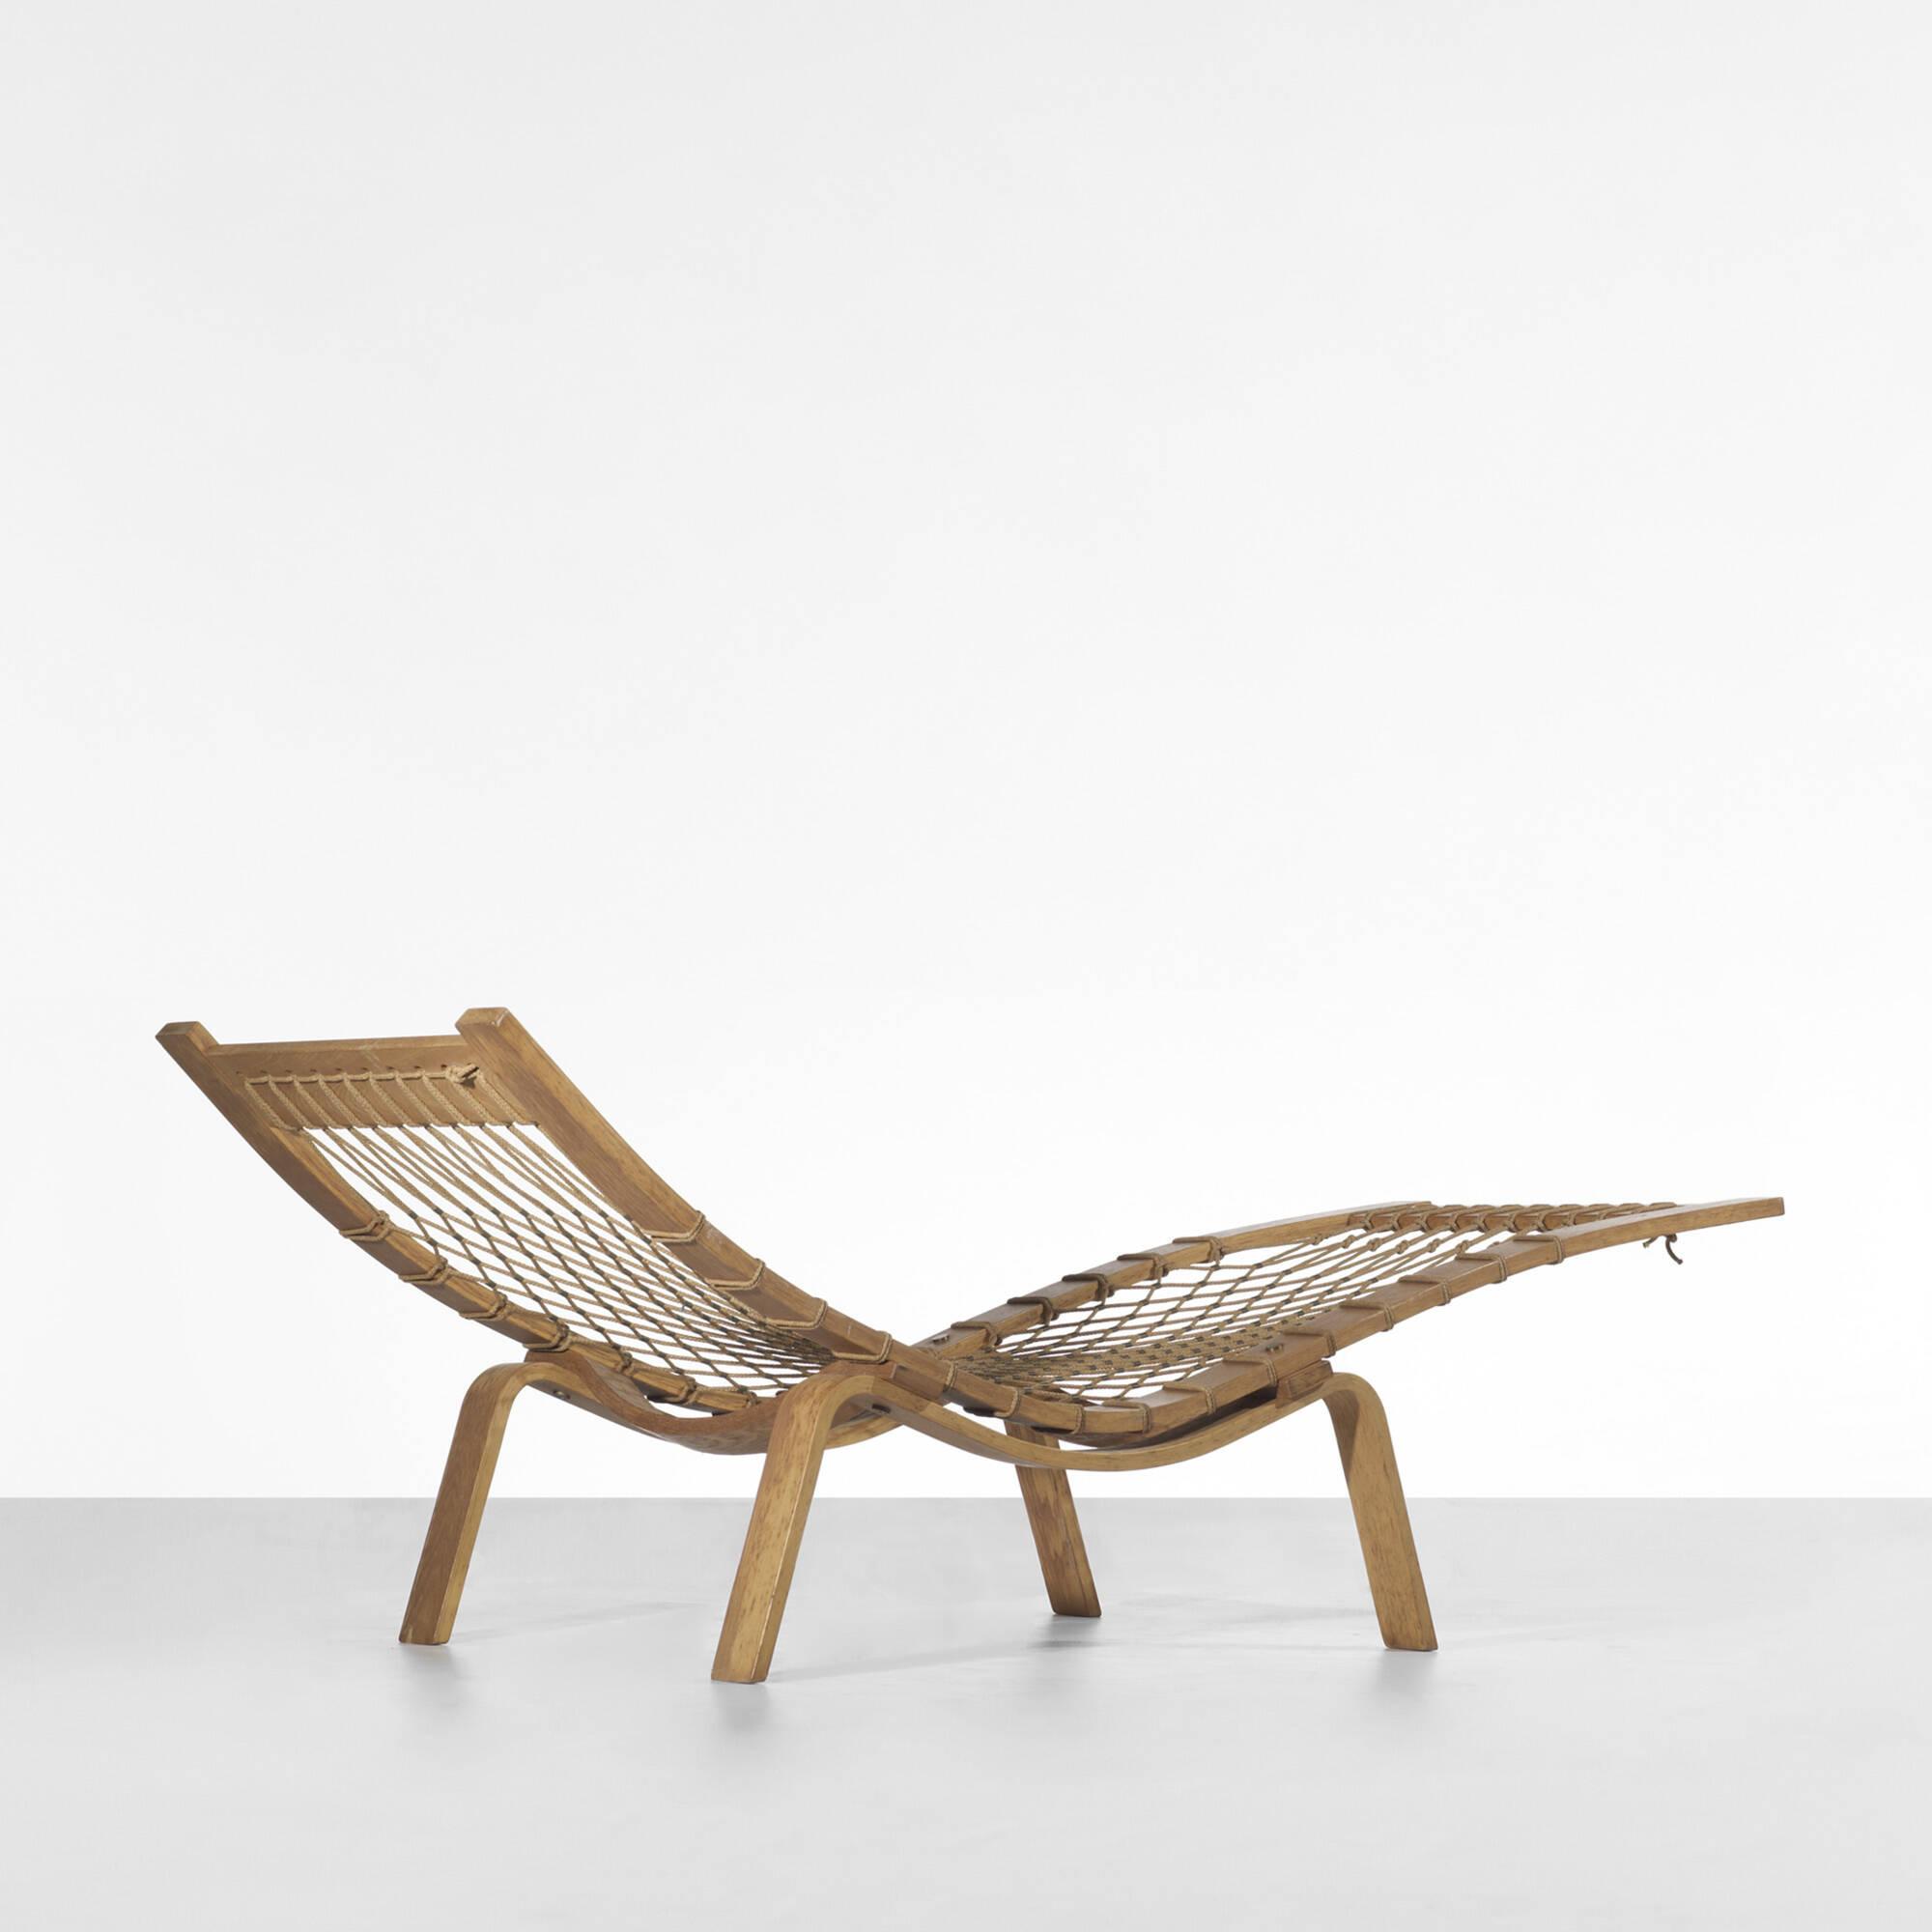 110 Hans J Wegner Hammock Chaise Lounge 1 Of 2